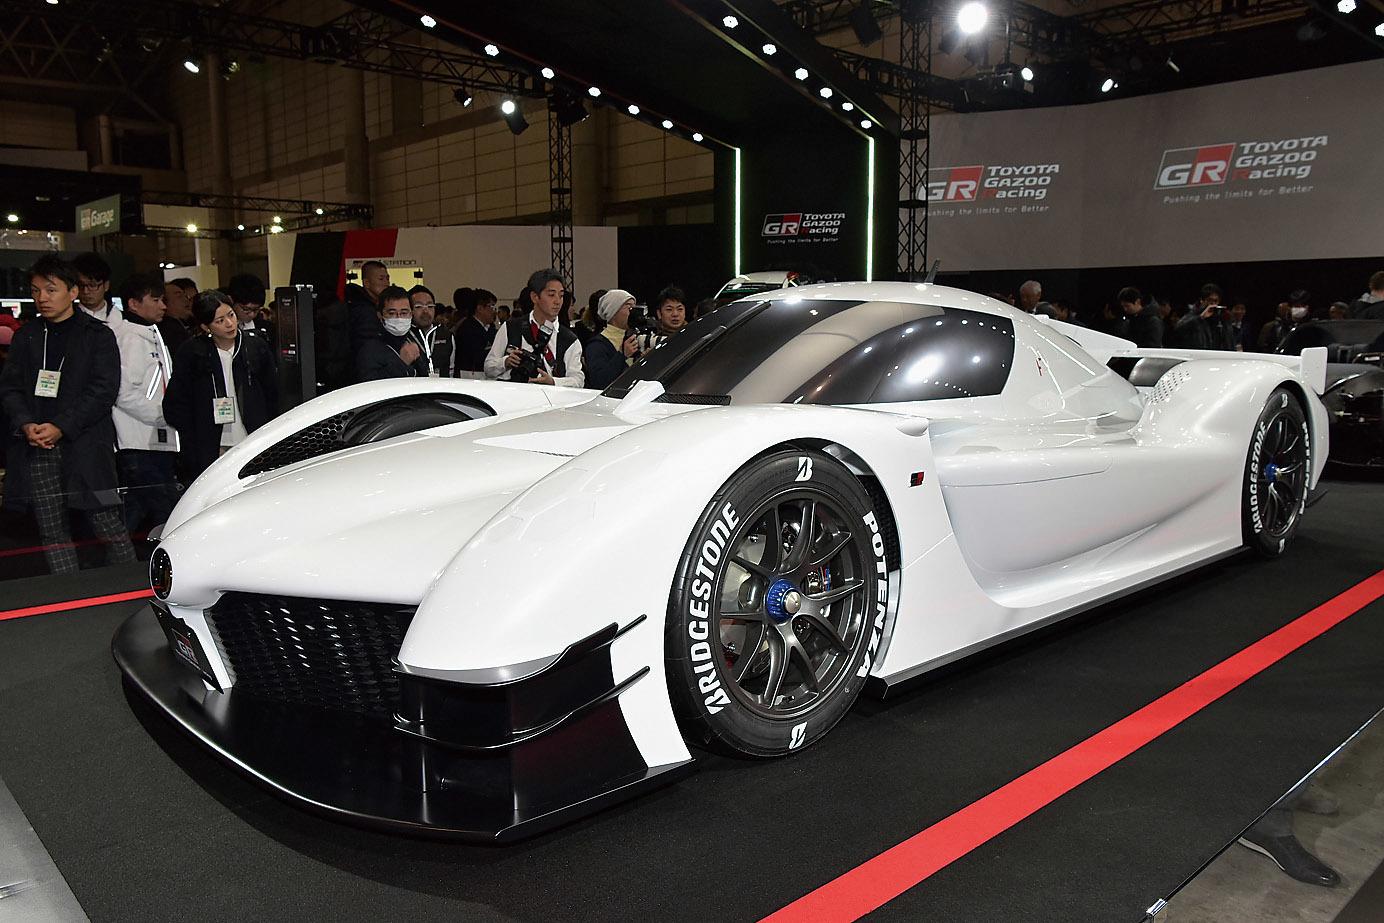 トヨタ超新型GRスーパースポーツの秘密に迫る! 開発者に直撃取材!!